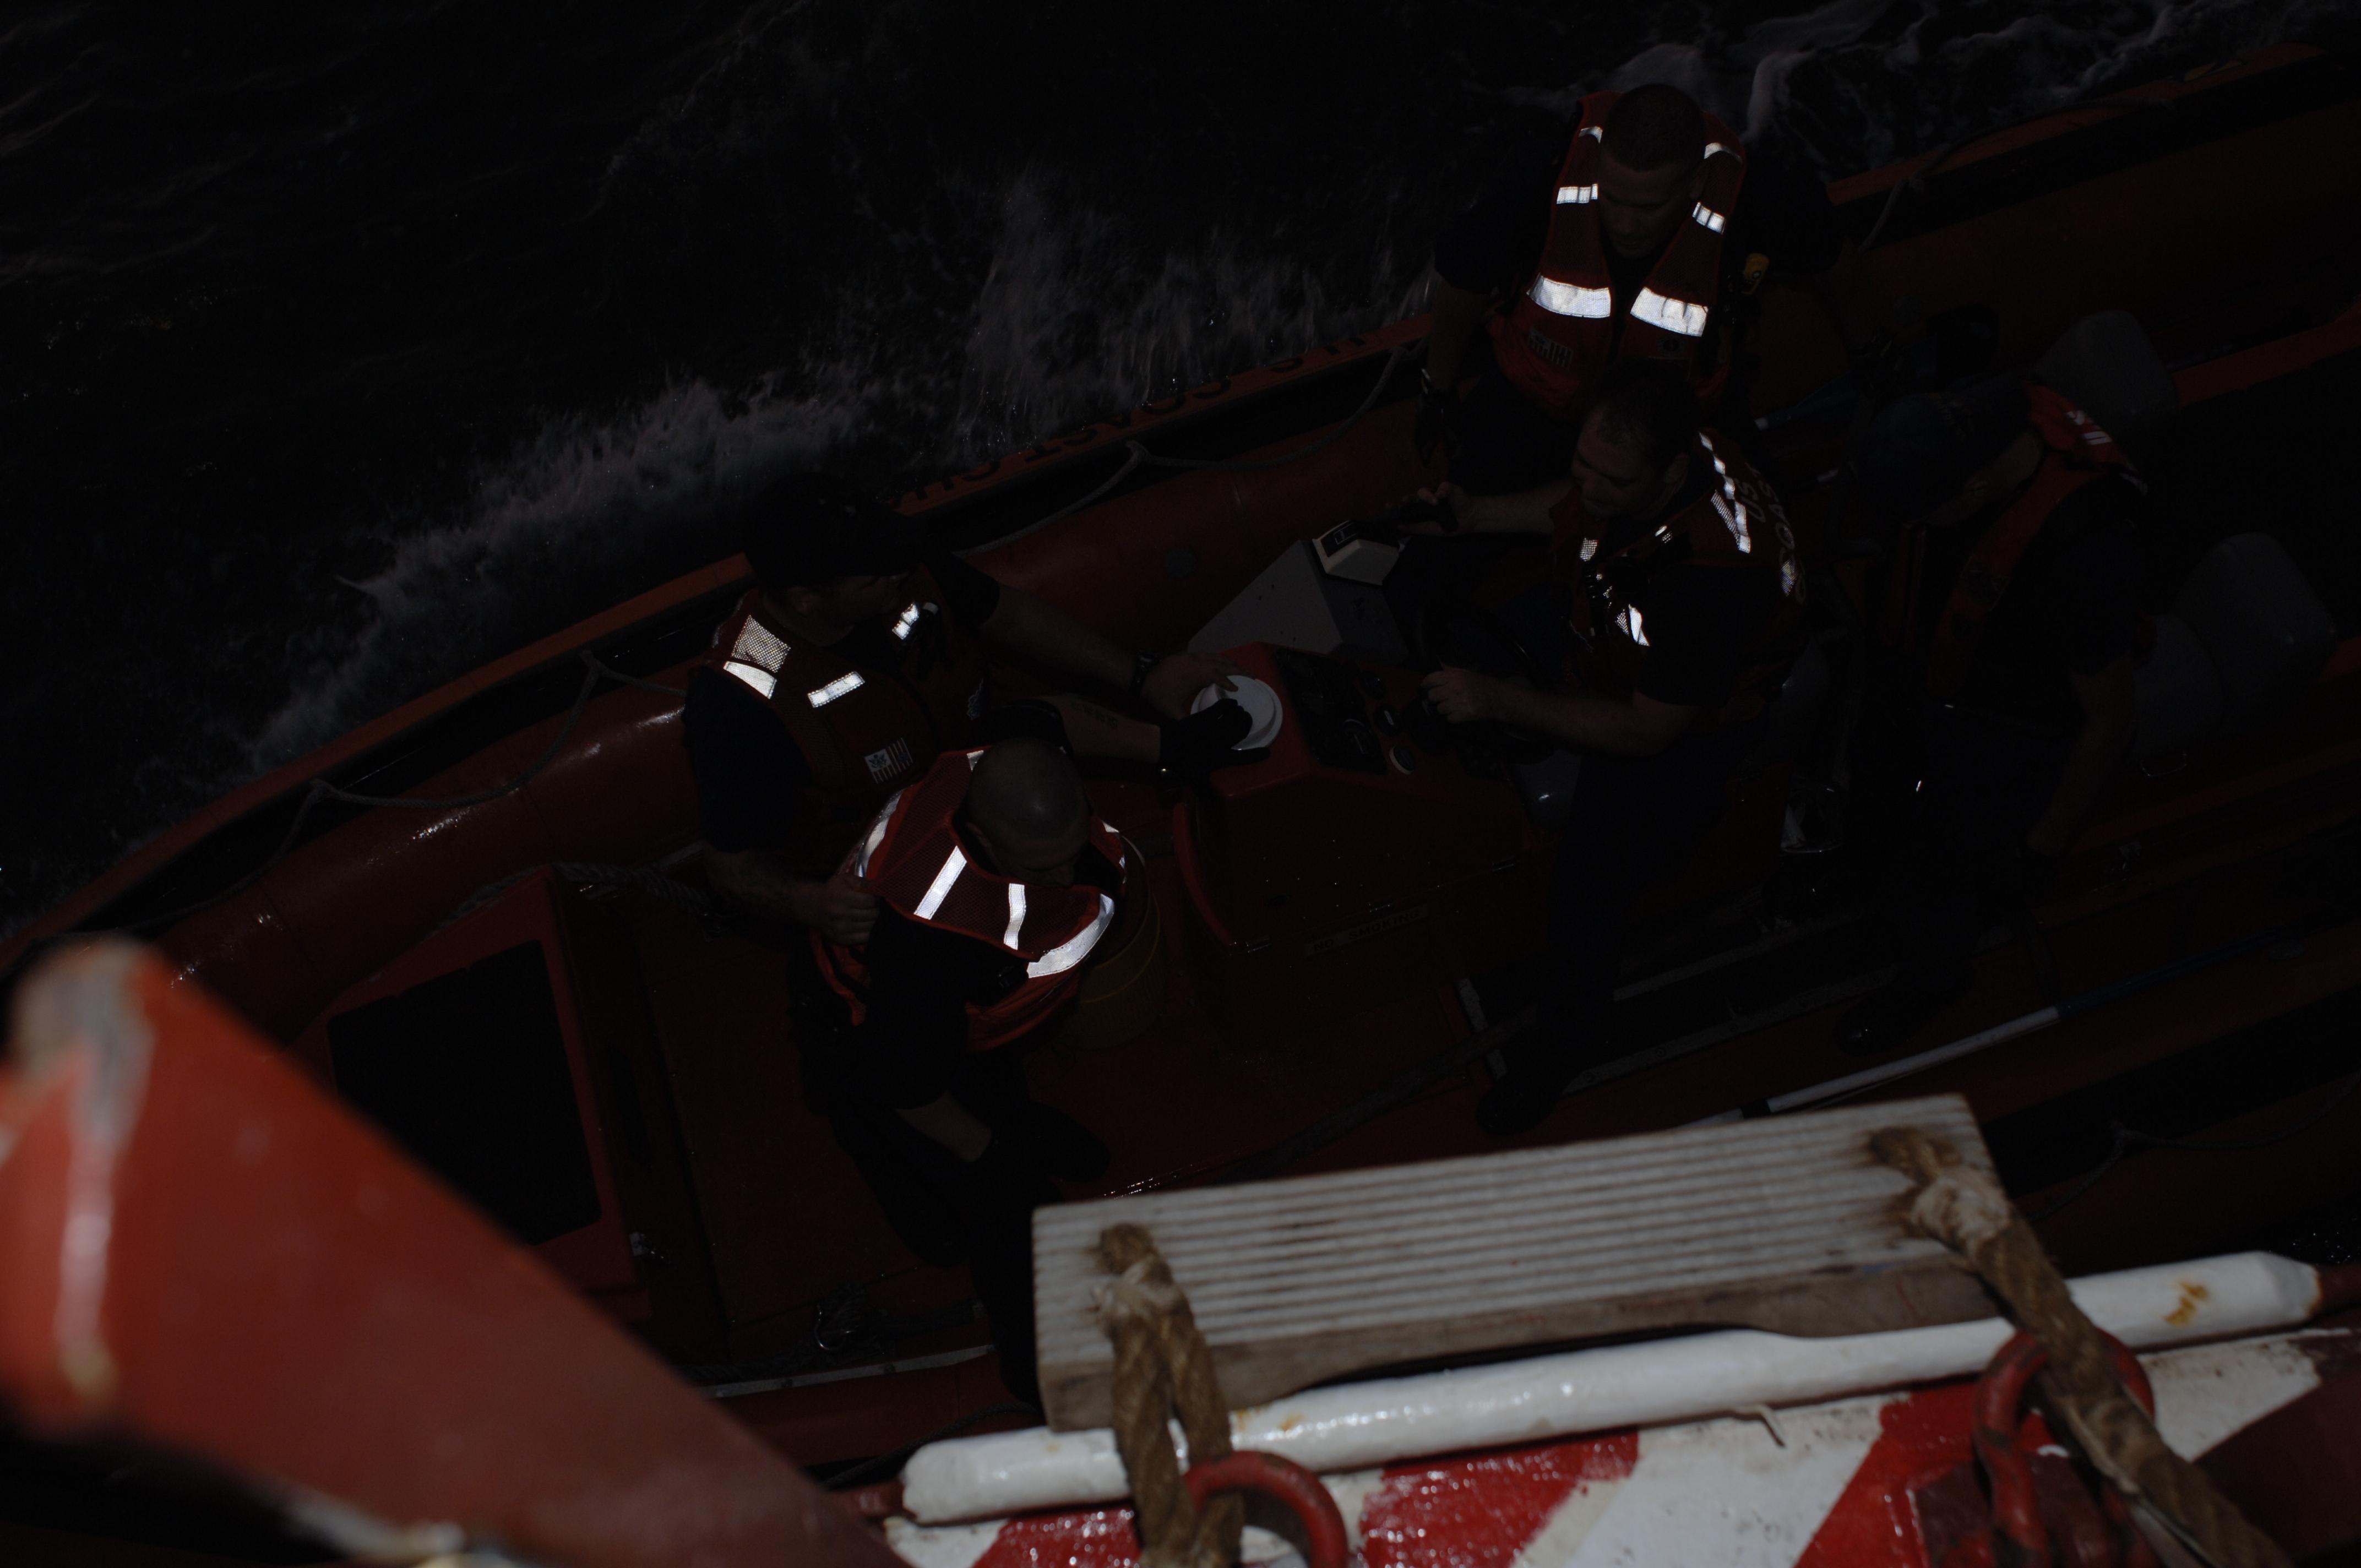 Coast Guard Cutters - Dauntless (WMEC 624) - 26-HK-73-268